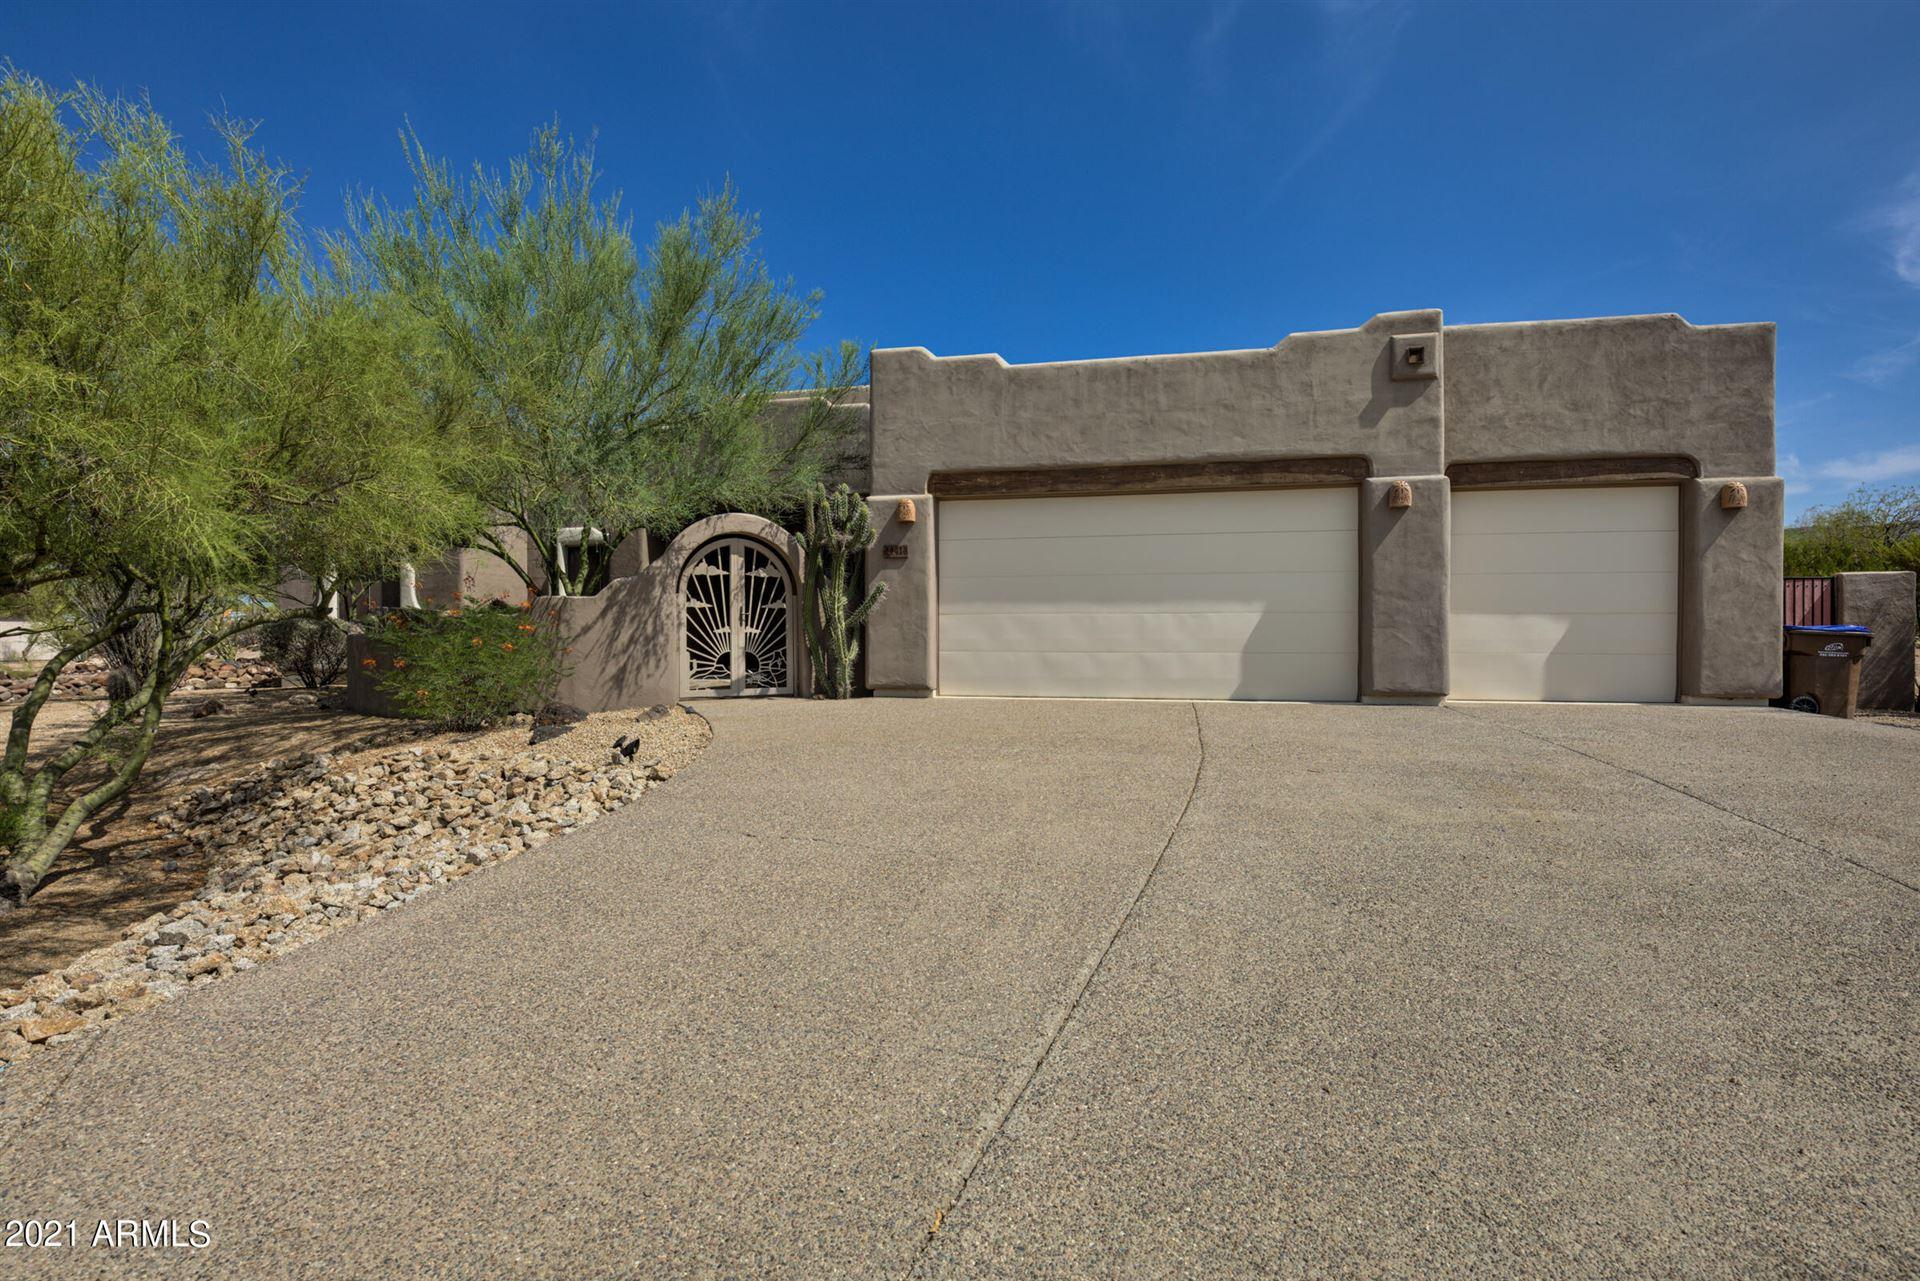 44418 N 18TH Street, New River, AZ 85087 - MLS#: 6267608